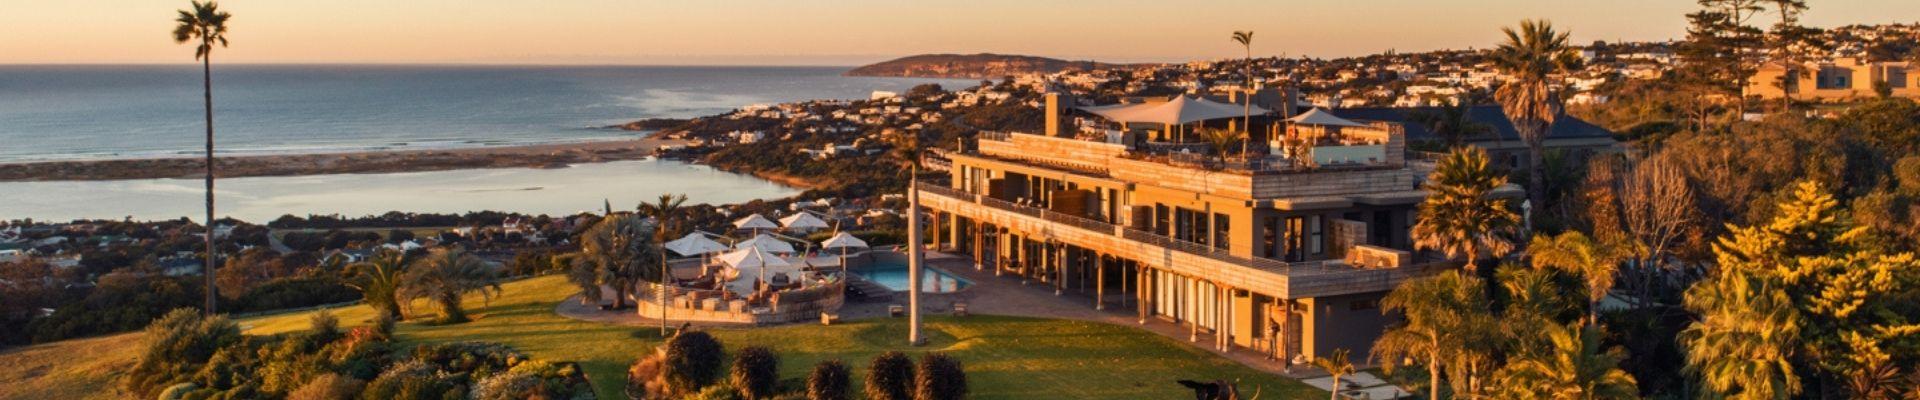 Sky Villa Cape Summer Villas